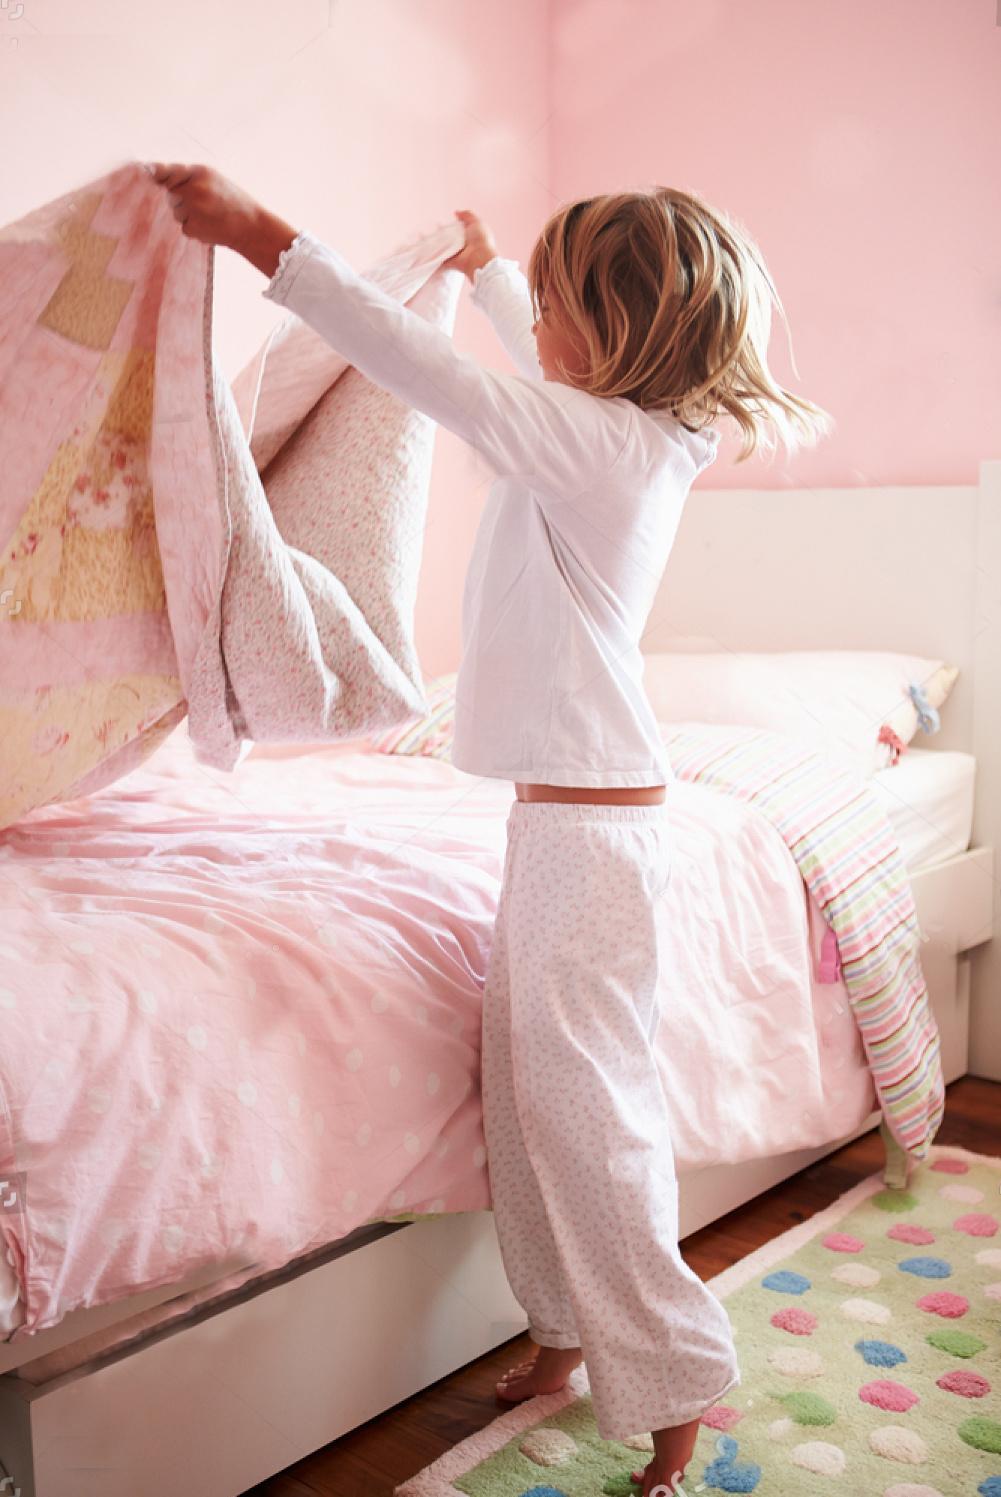 Exemplo de criança ajudando a arrumar a cama em casa - quais atividades domésticas por idade da criança